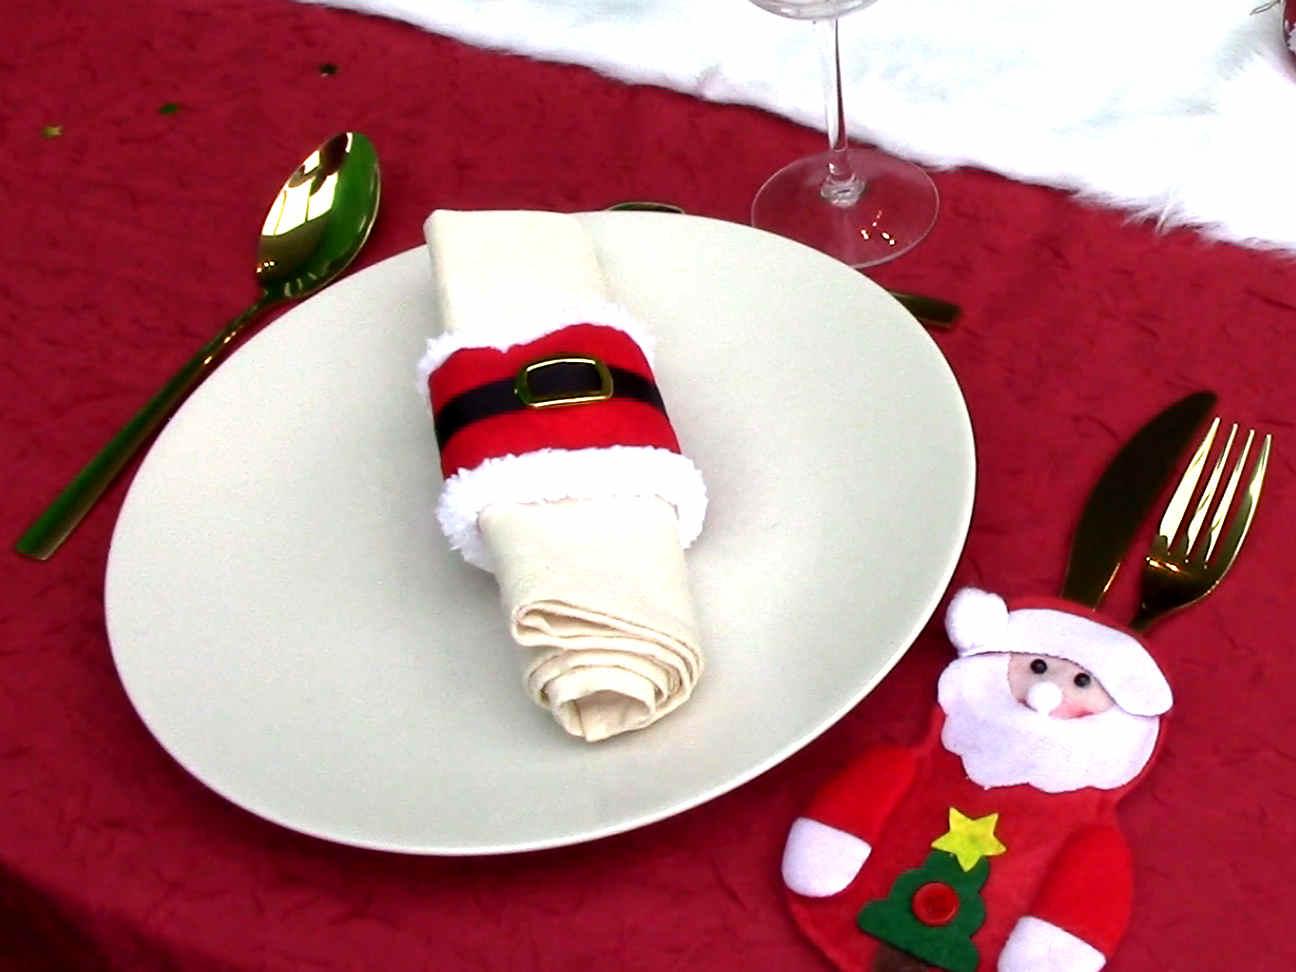 Comment décorer votre table avec un rond de serviette de Noël